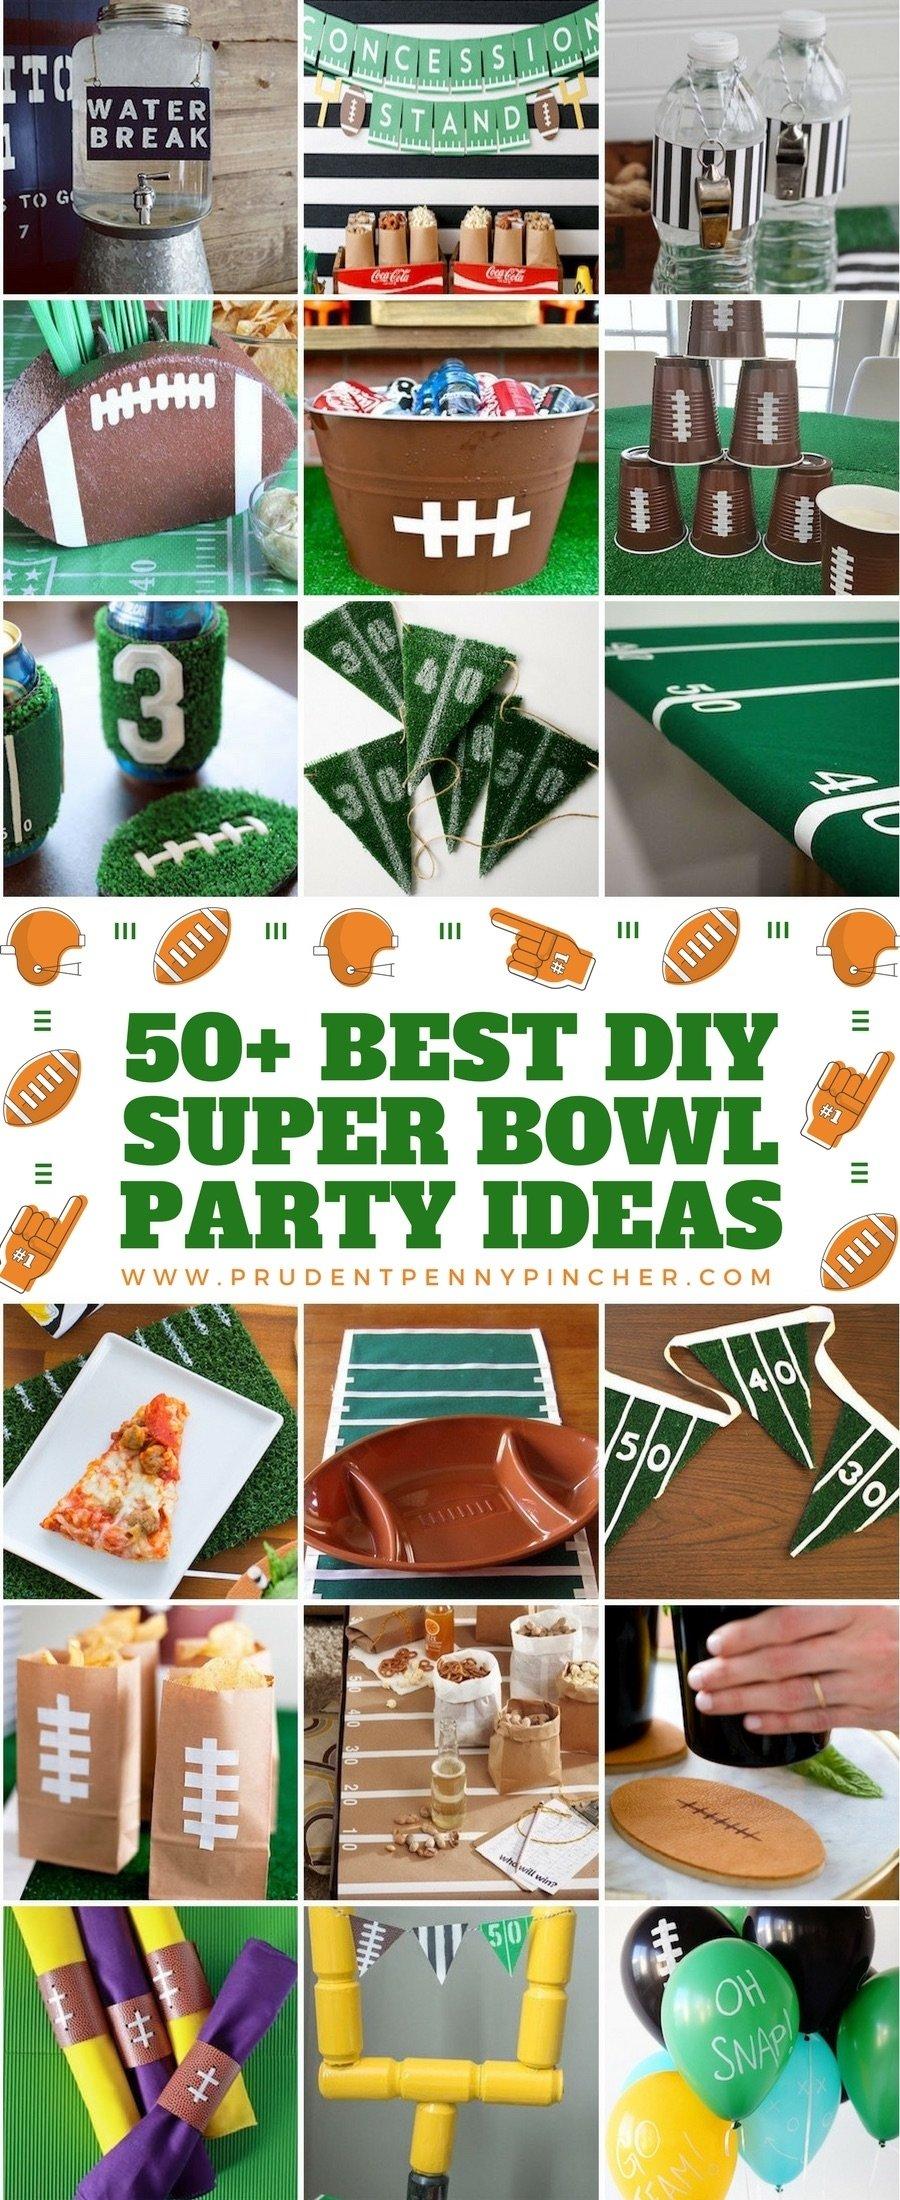 10 Gorgeous Super Bowl Party Ideas Pinterest 50 best diy super bowl party ideas prudent penny pincher 2020